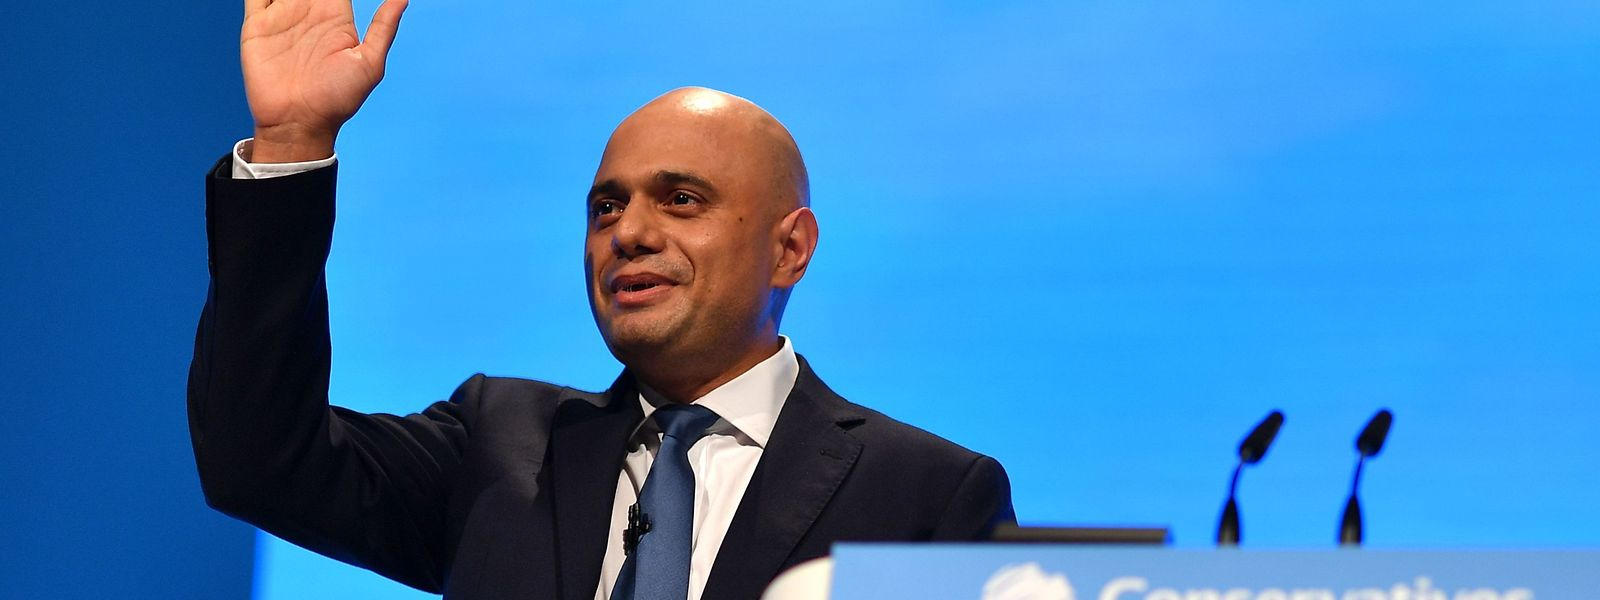 Pour Sajid Javid, ministre des Finances, le départ du Royaume-Uni de l'UE «aura un impact» sur l'économie britannique.